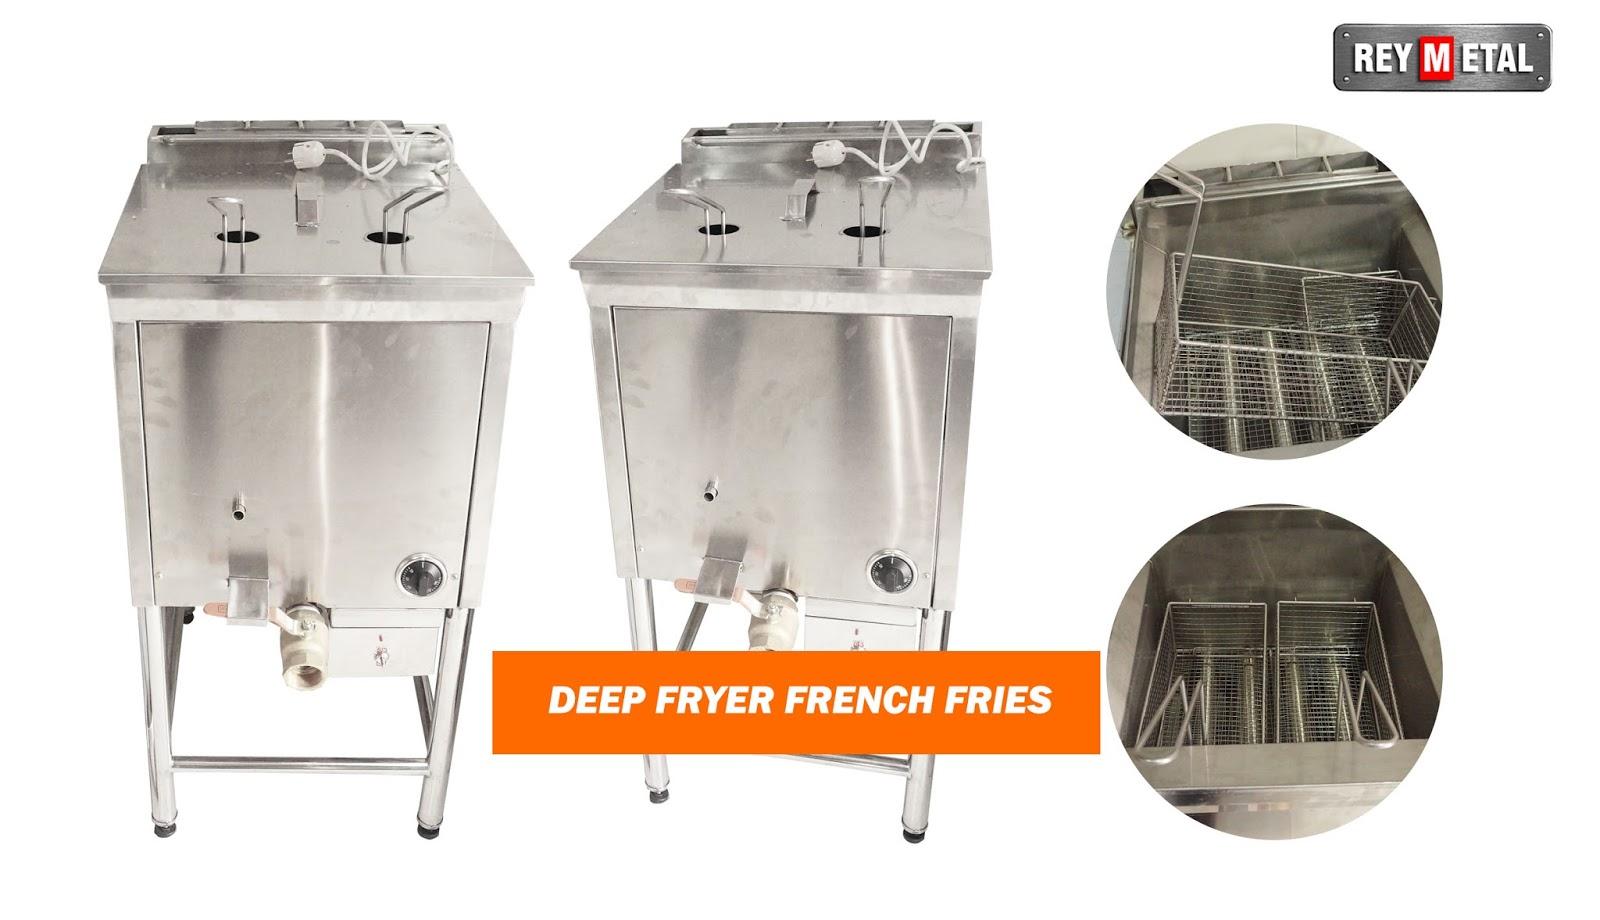 Daftar Harga Kitchen Set Stainless Steel